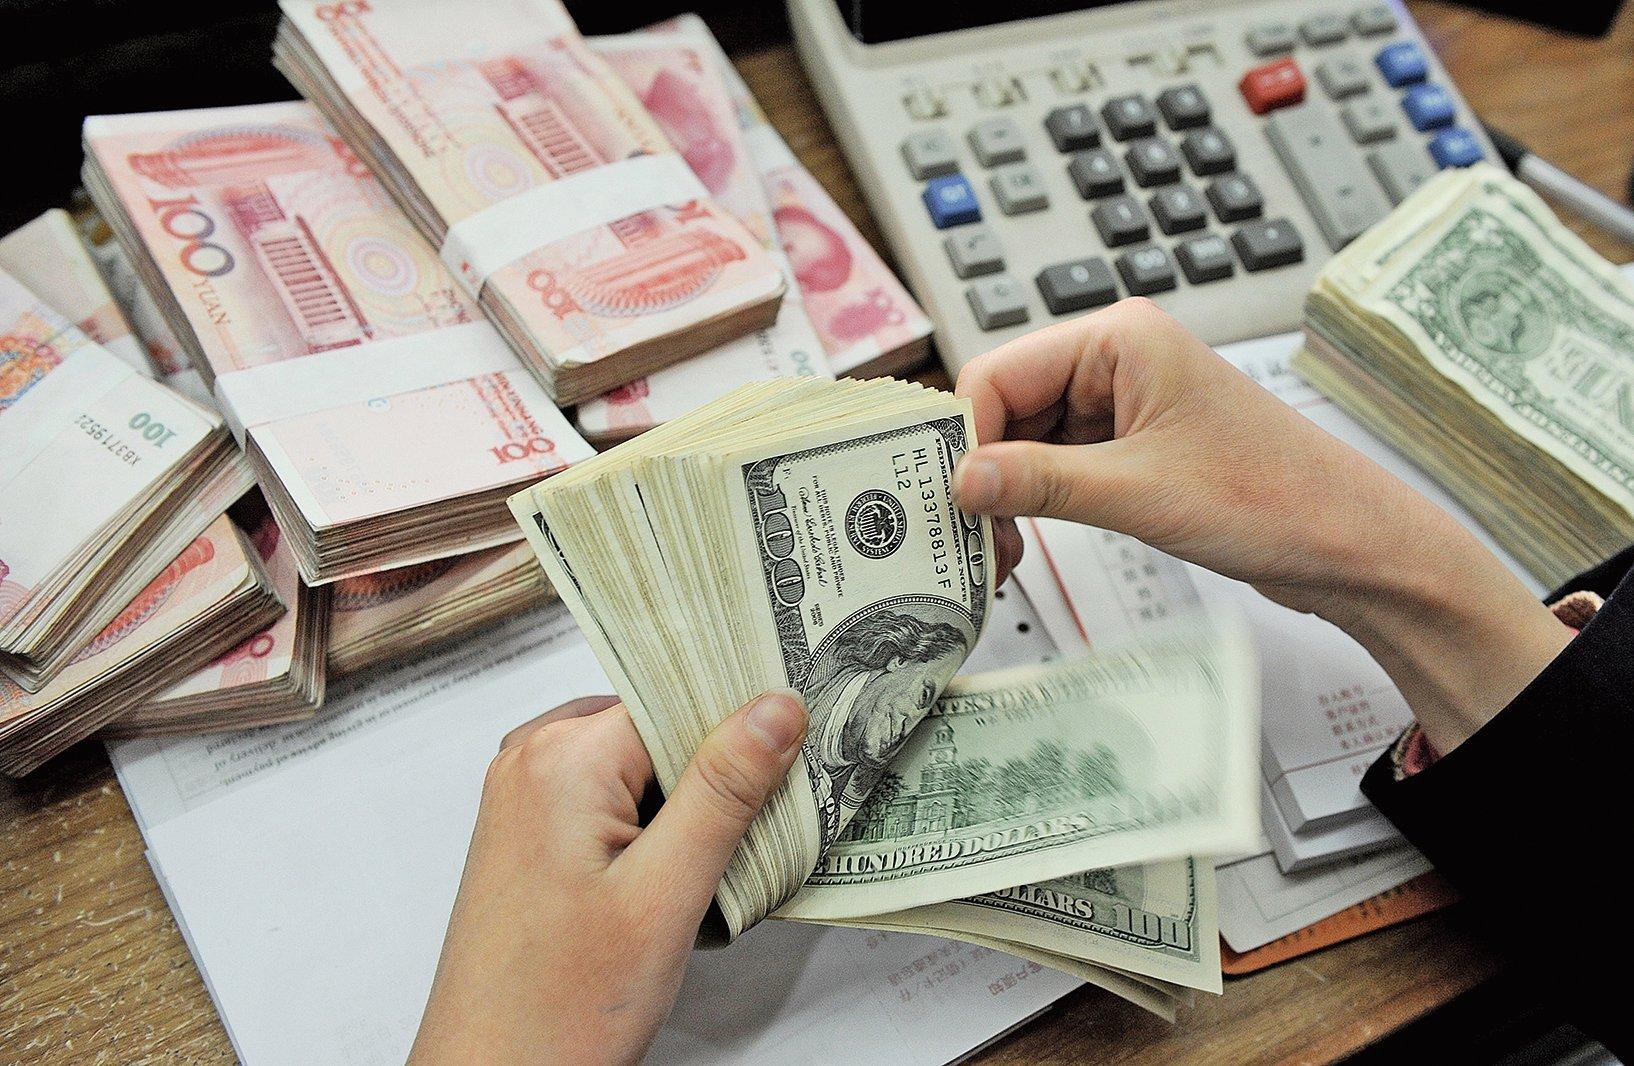 儘管北京希望人民幣能取代美元的地位,但無論從儲備和交易角度,人民幣的國際化都是在退步而非前進。加上歐元區經濟走弱,美元的主導地位反而更加穩固。(AFP)